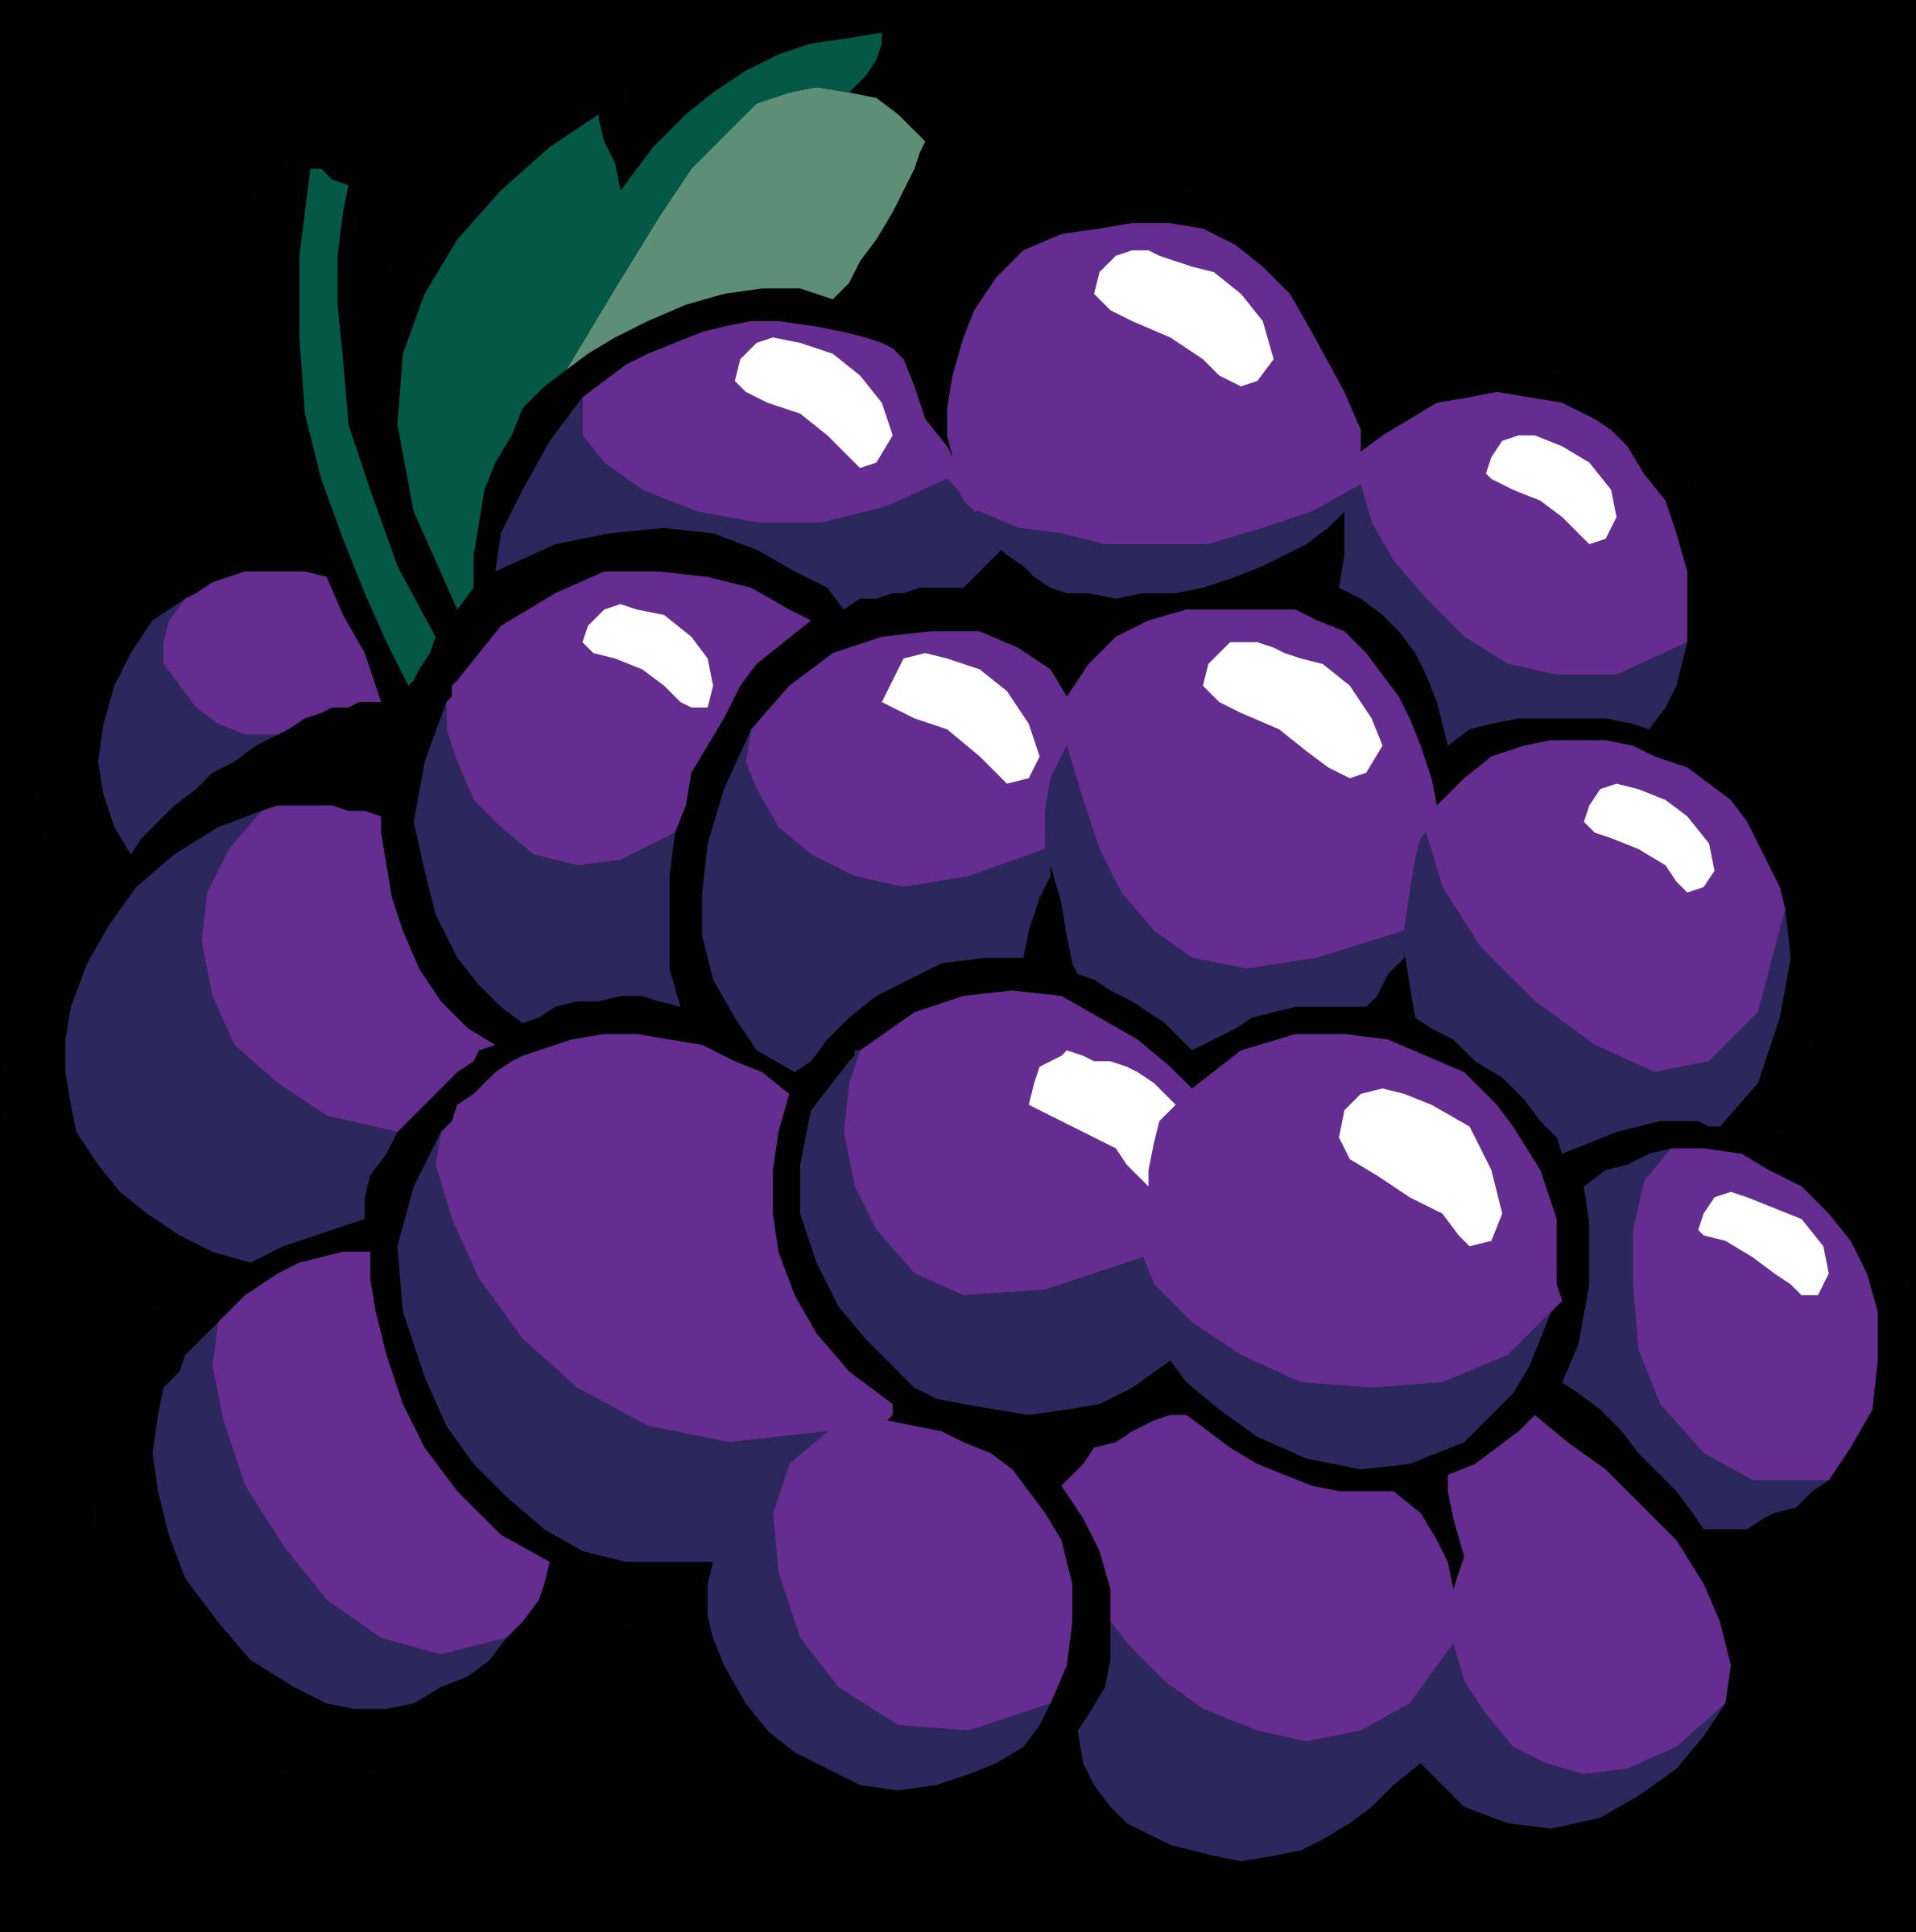 Big image png. Grapes clipart